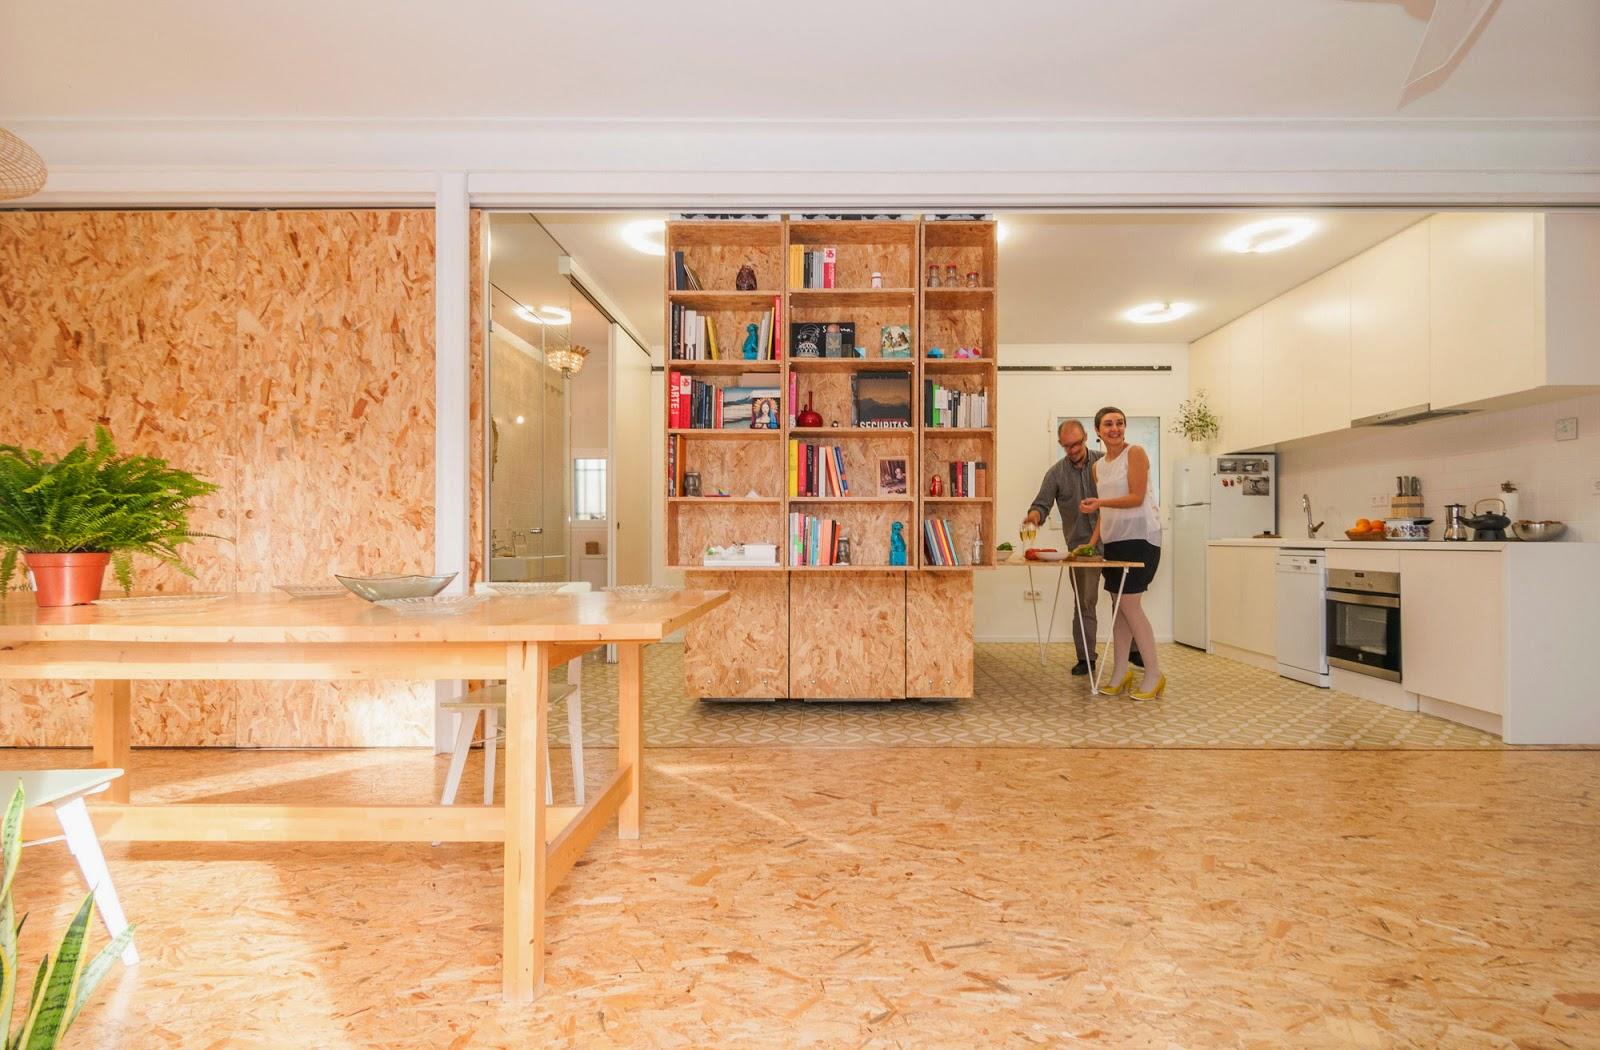 http://www.baliagungproperty.com/2014/05/desain-rumah-unik-dengan-konsep.html